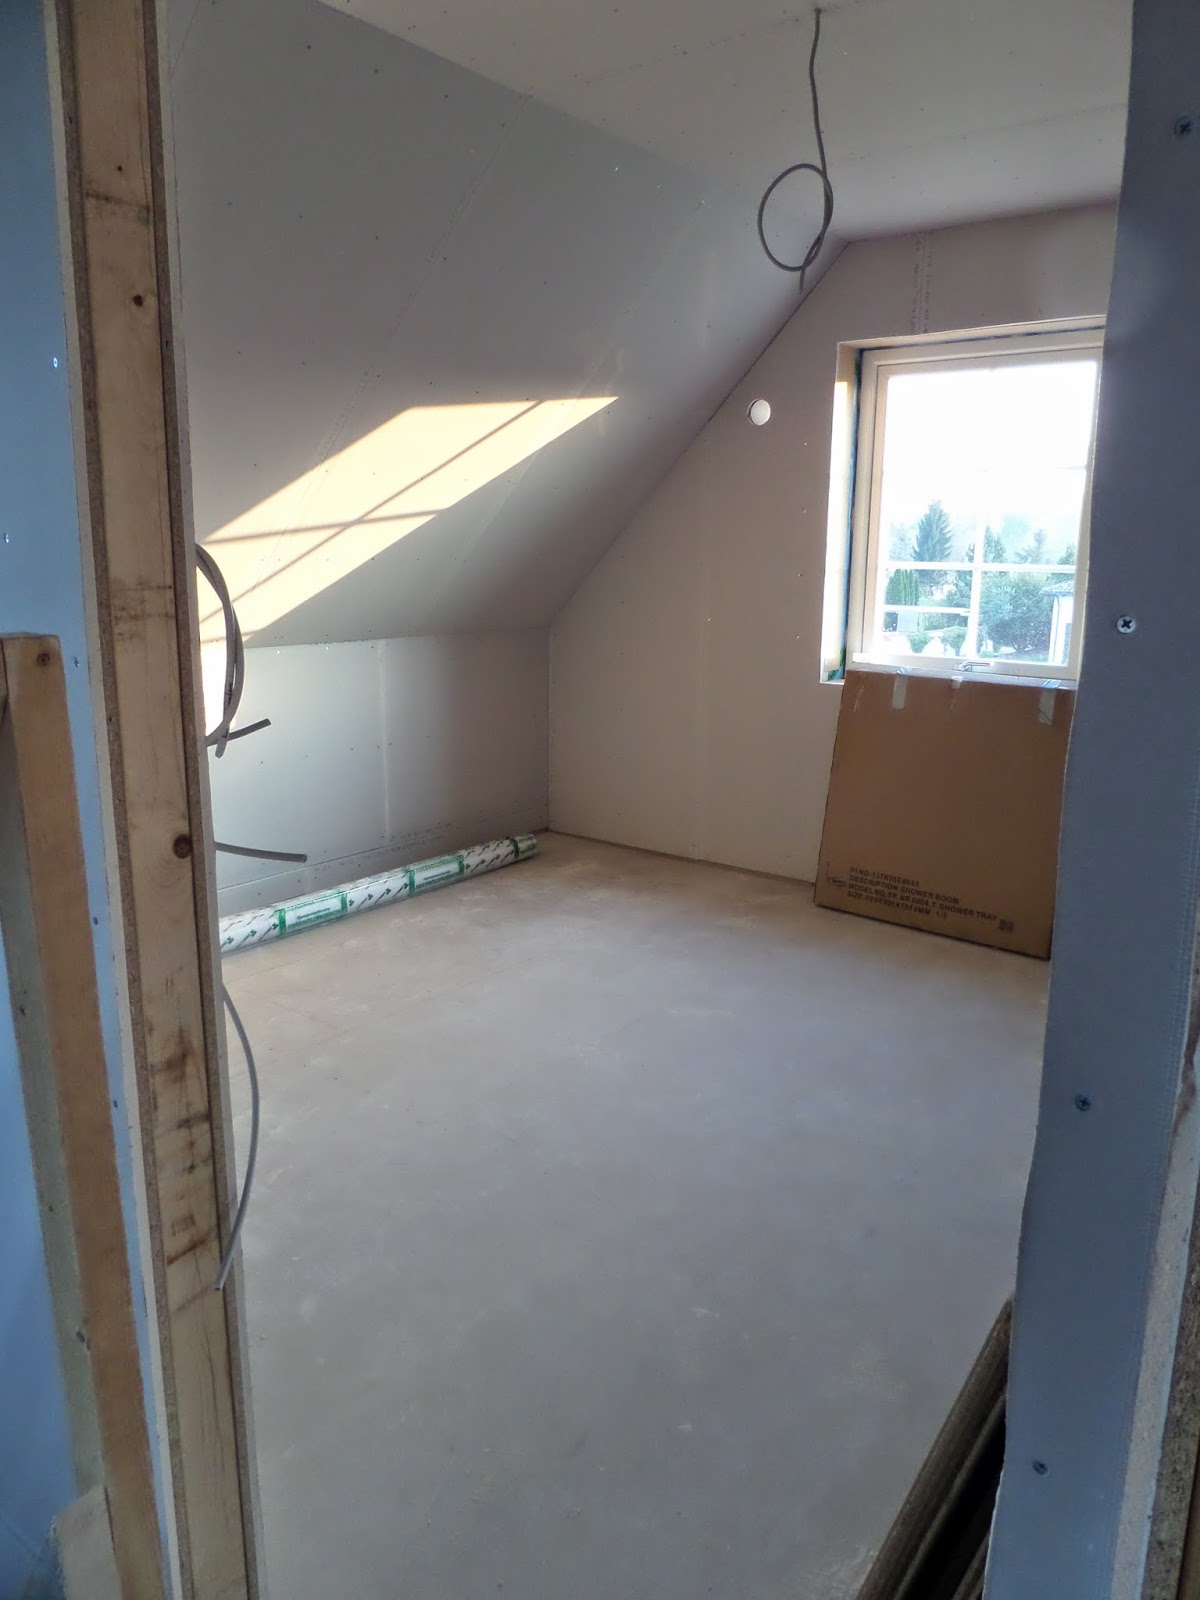 kleine lotta unser schwedenhaus geschlossene w nde und spachteln. Black Bedroom Furniture Sets. Home Design Ideas